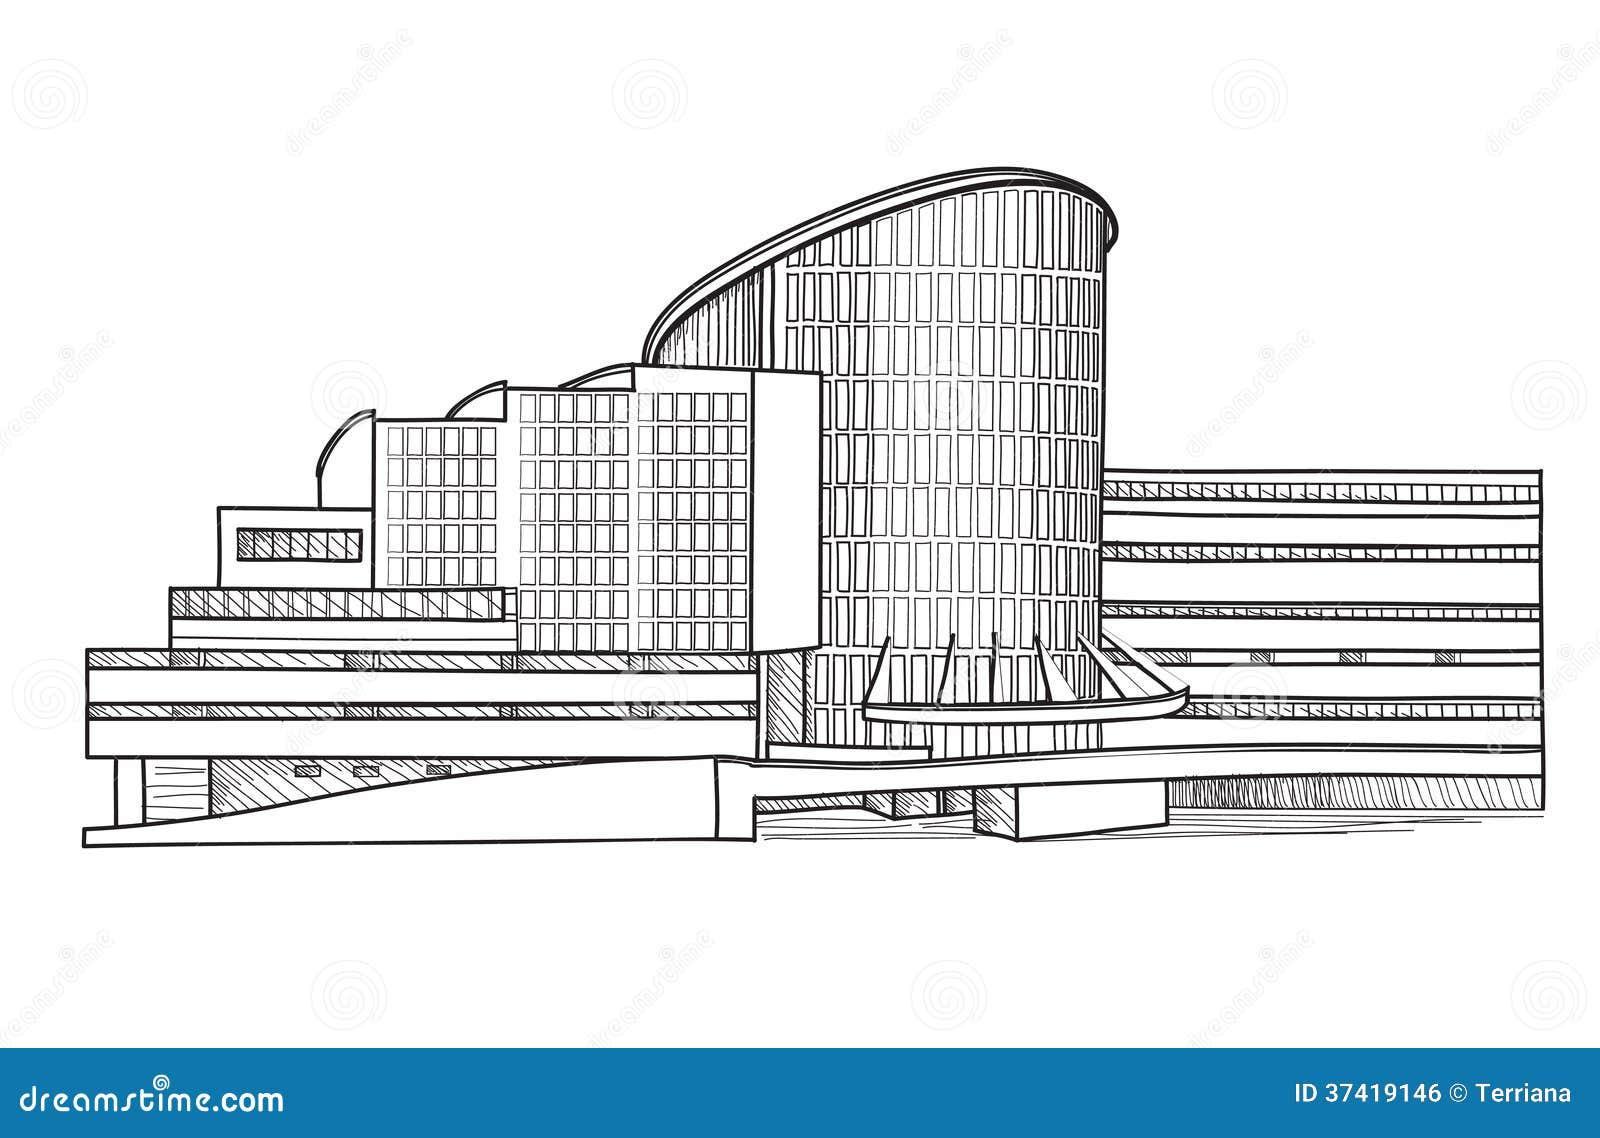 Architekturskizze Stadtbildsammlung Vektor Abbildung